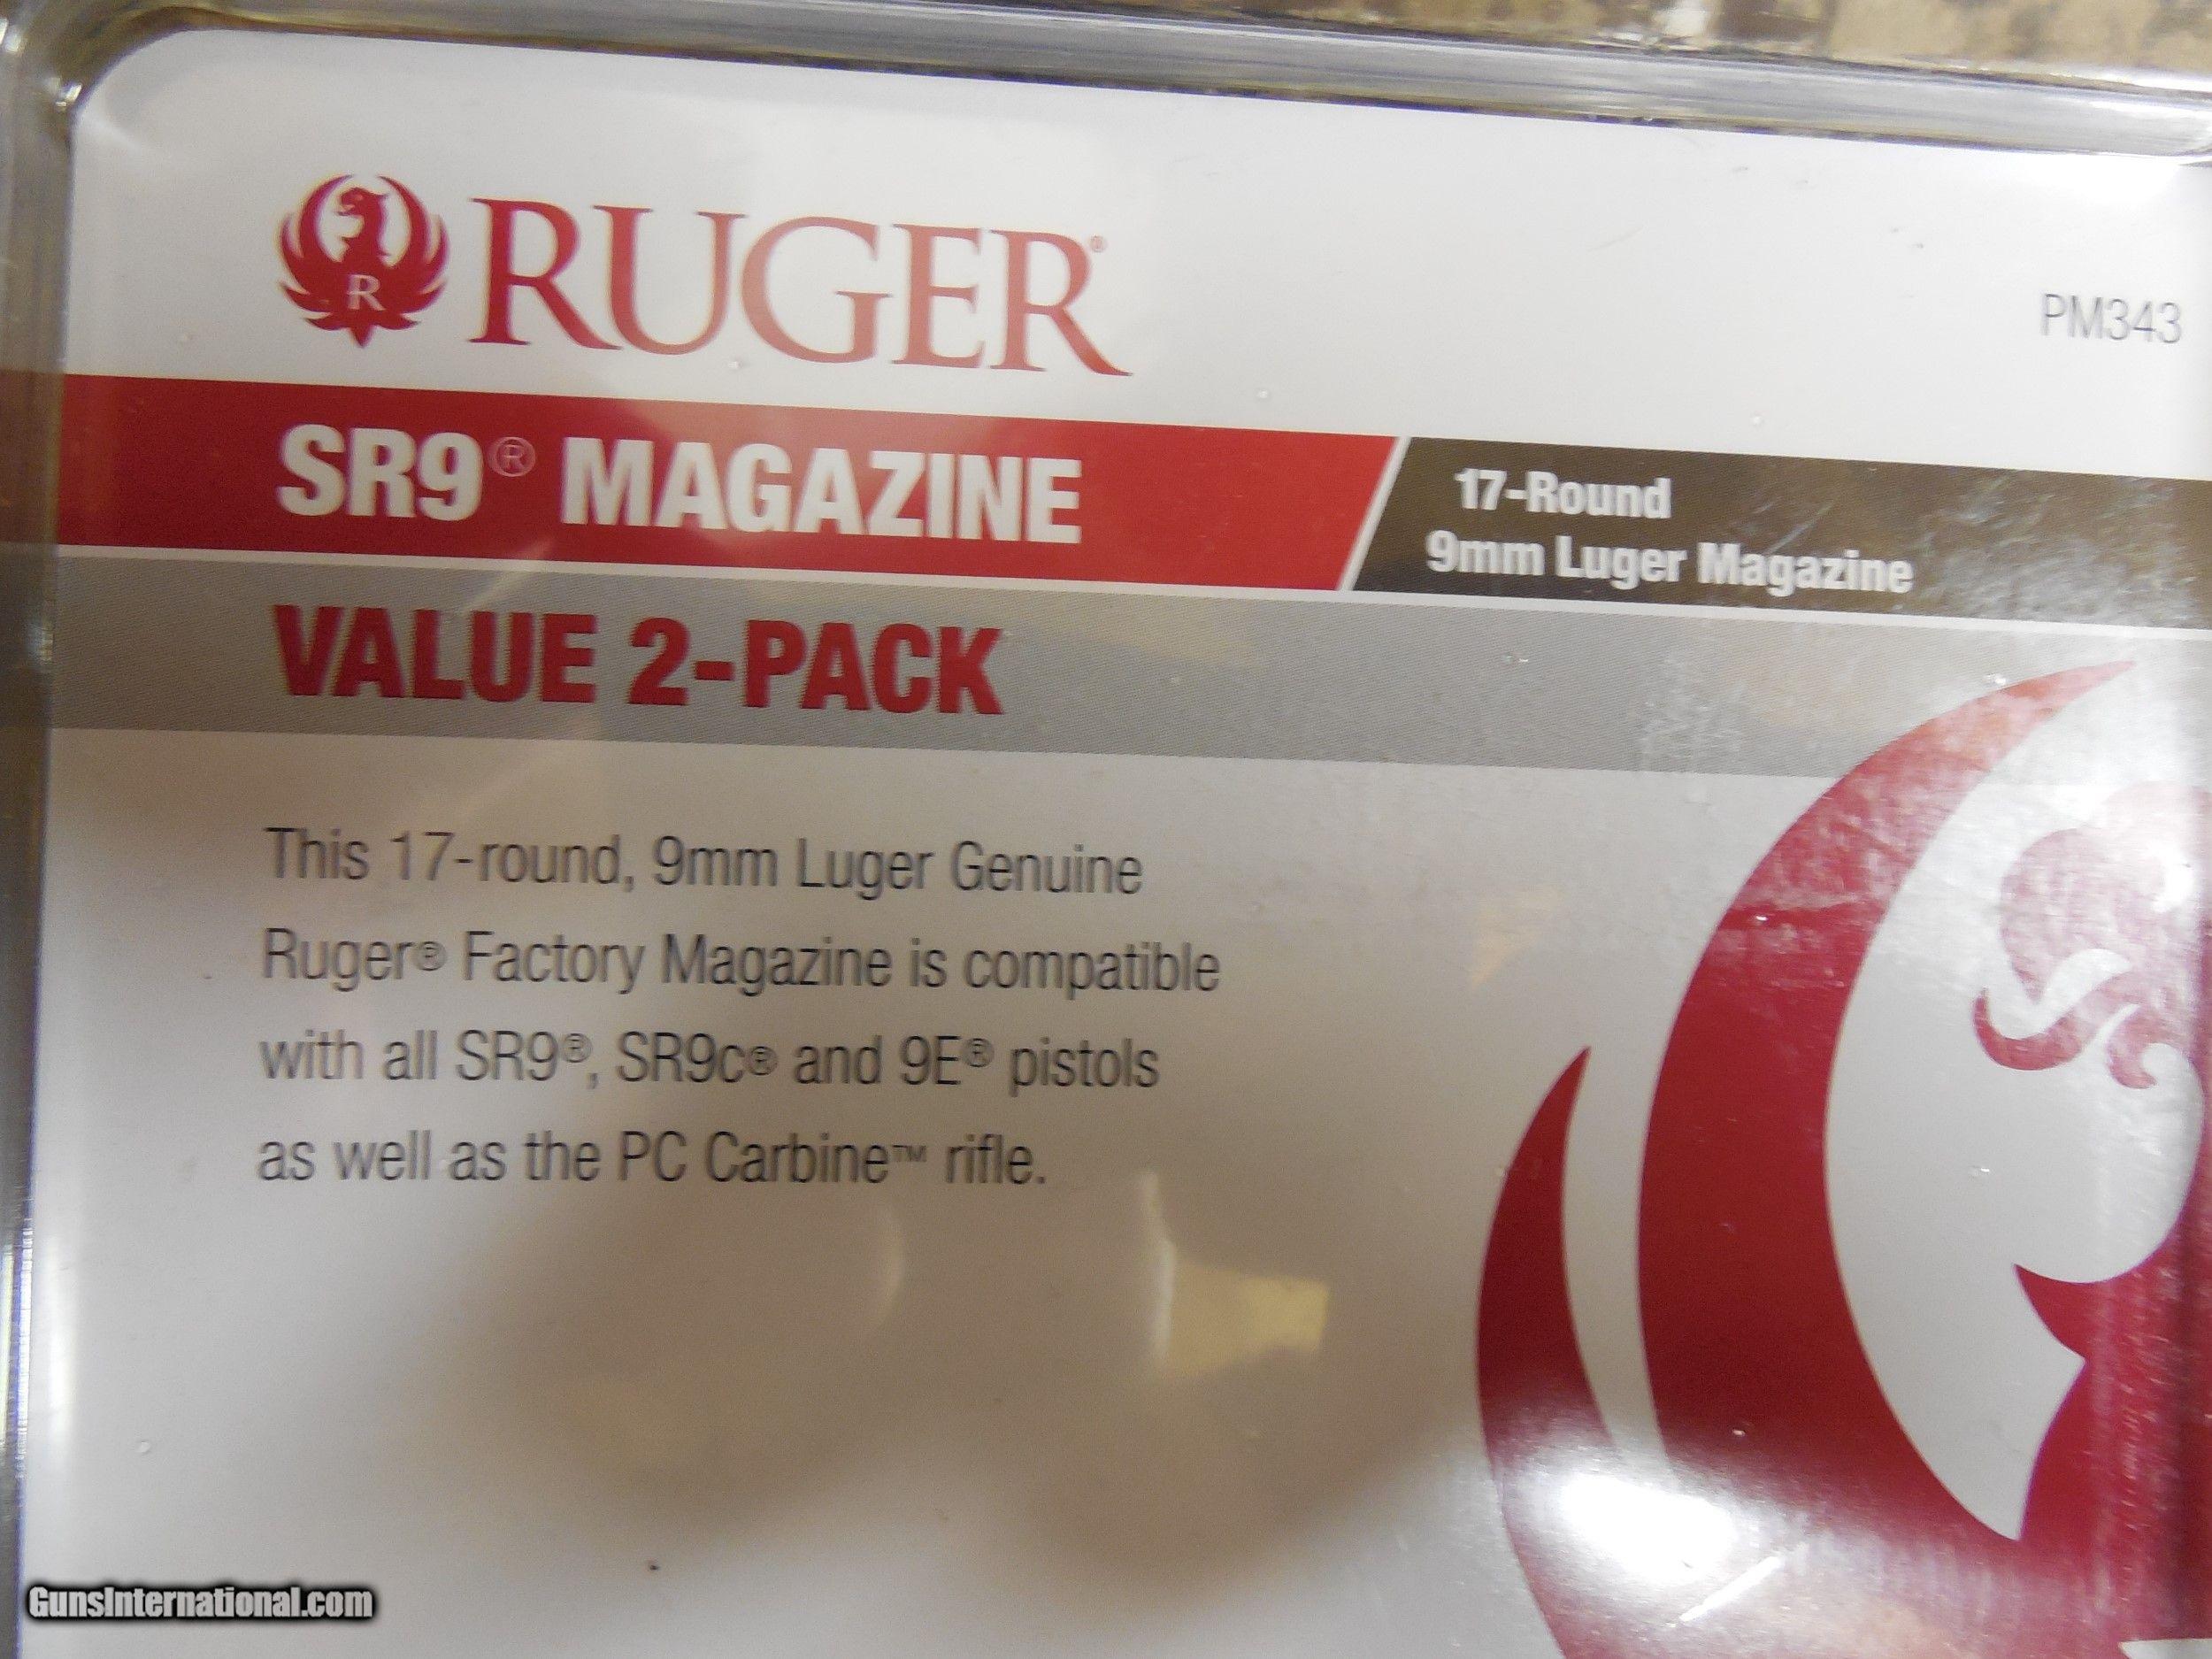 RUGER MAGAZINE 2-PACK, SR9 / SR9C & 9E, 9-MM LUGER 2-17